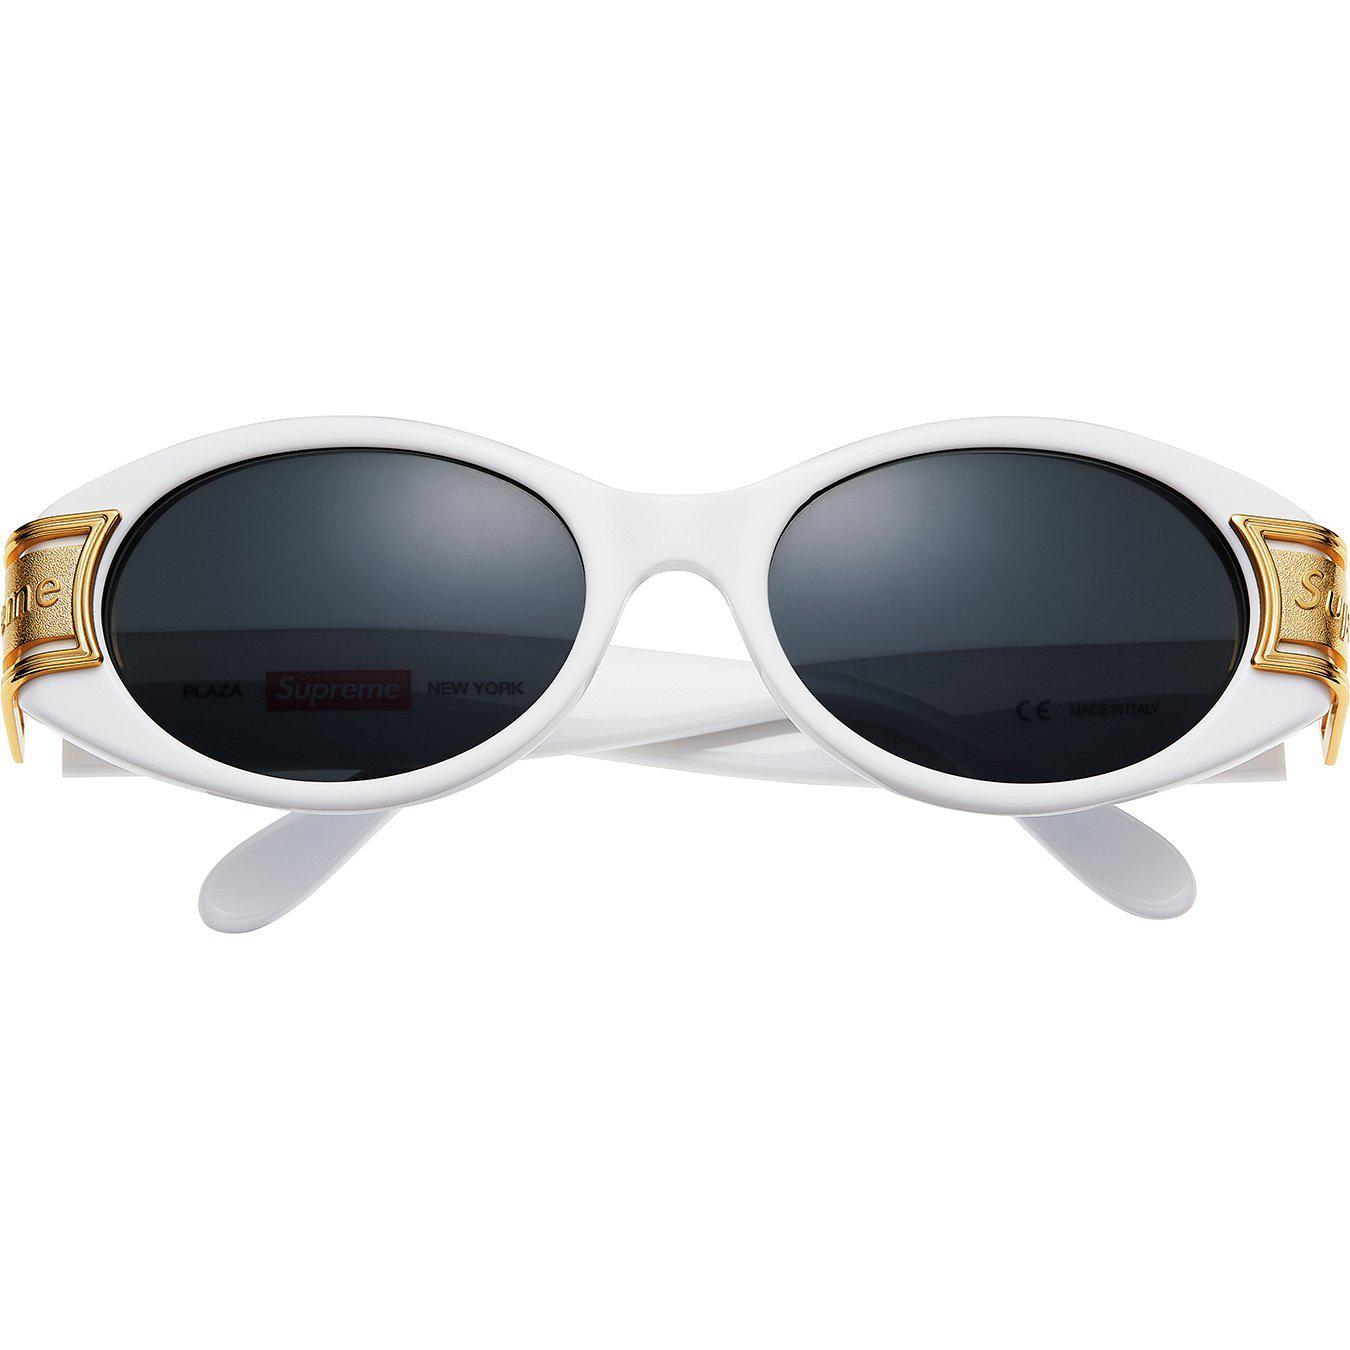 3c5d747f66 Lyst supreme plaza sunglasses white in white jpg 1350x1350 Supreme white  sunglasses